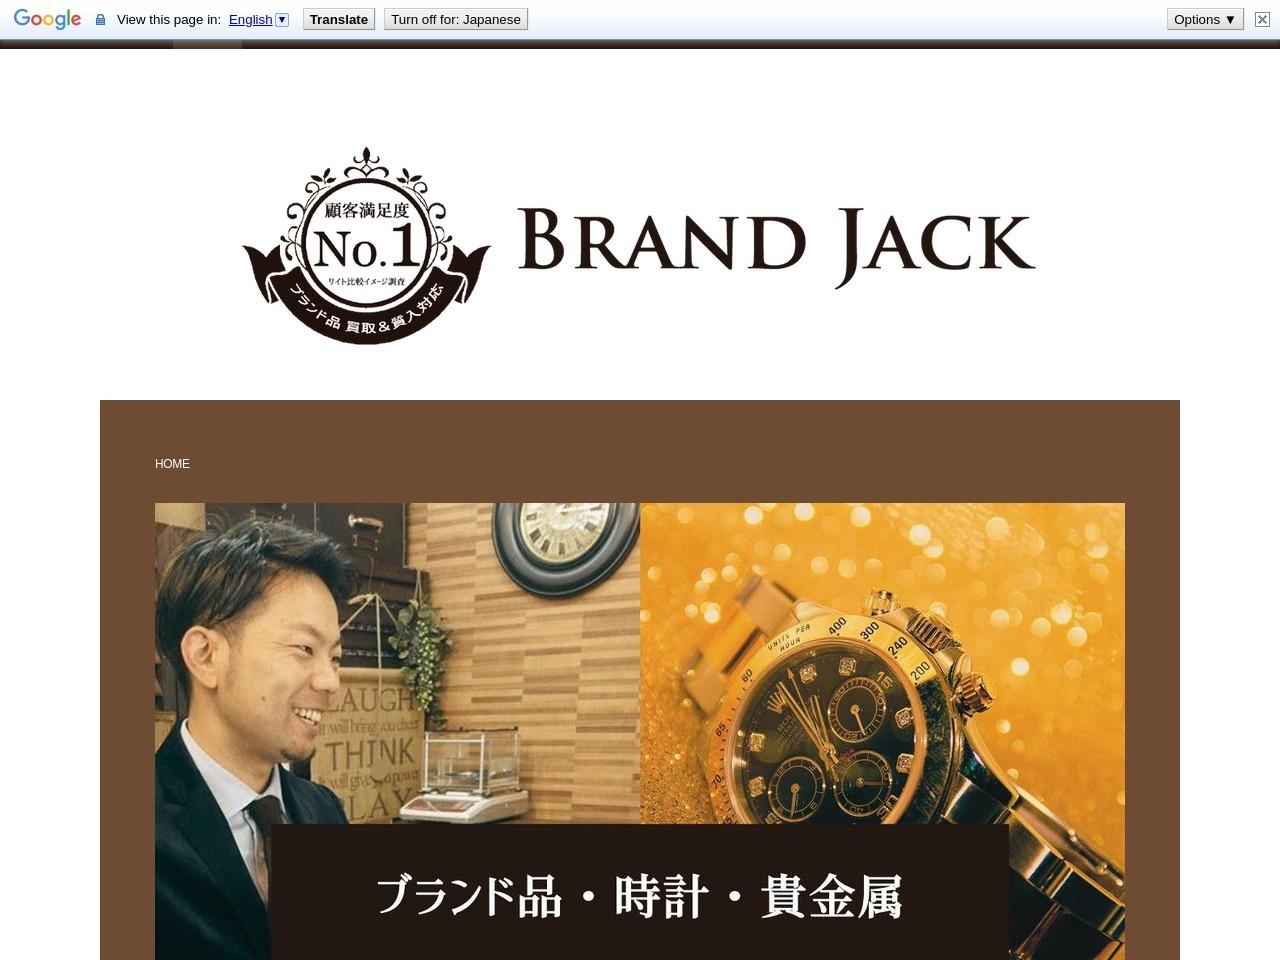 仙台No.1 ブランド品,時計,金を高額買取&質屋 - ブランド・ジャック